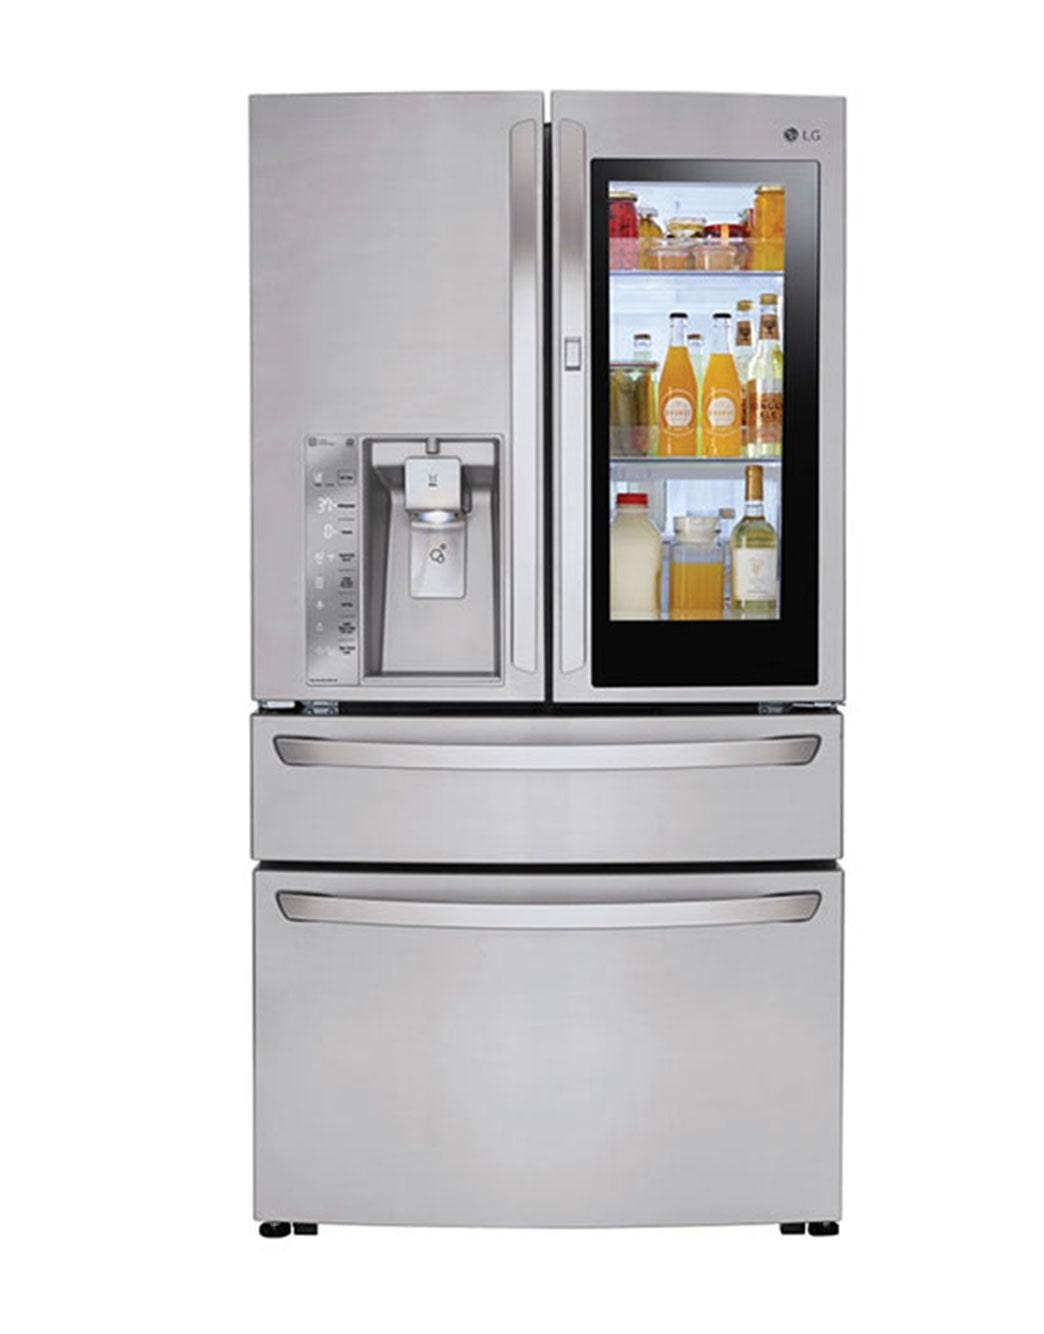 LG 36 French Door Refrigerator with InstaView™ <br> Door-in